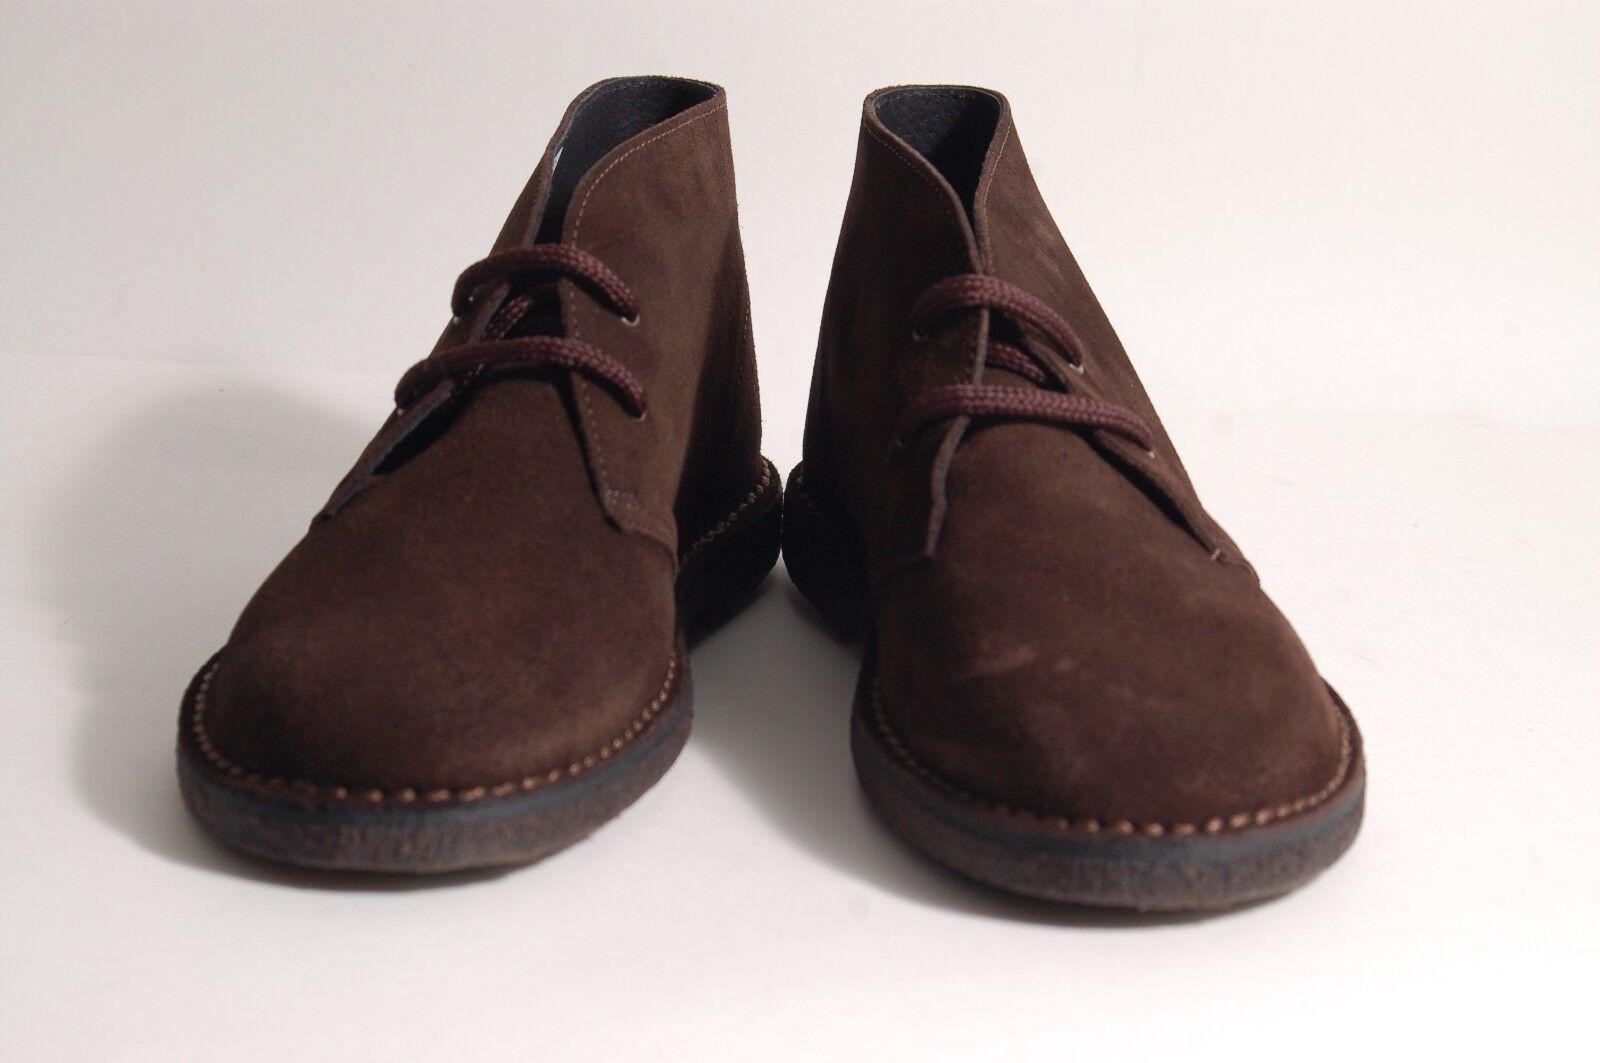 Acc Fatto a Mano, Italiano shoes - Mezza Altezza Boots pelle Scamosciata 500n